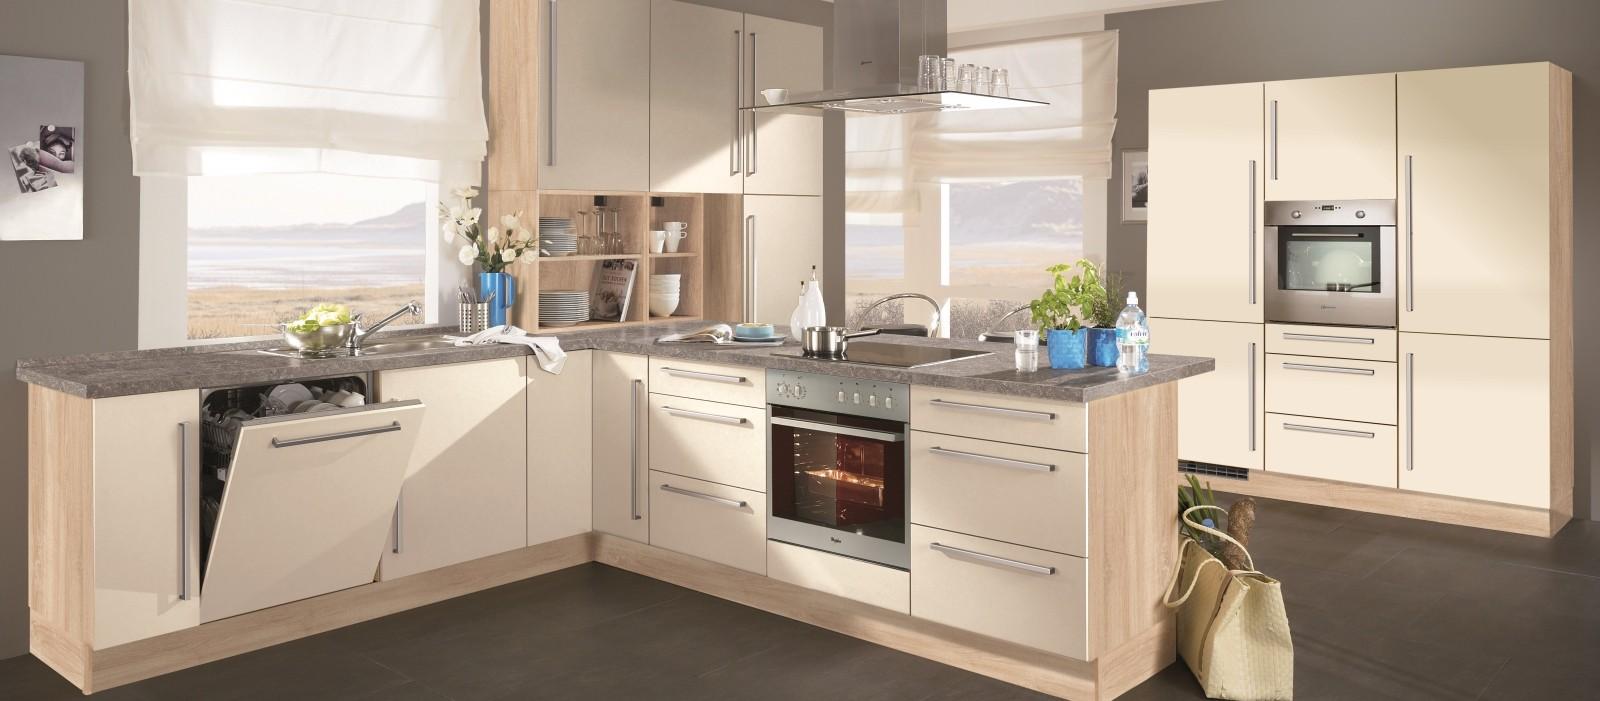 modele de cuisine aviva maison et mobilier